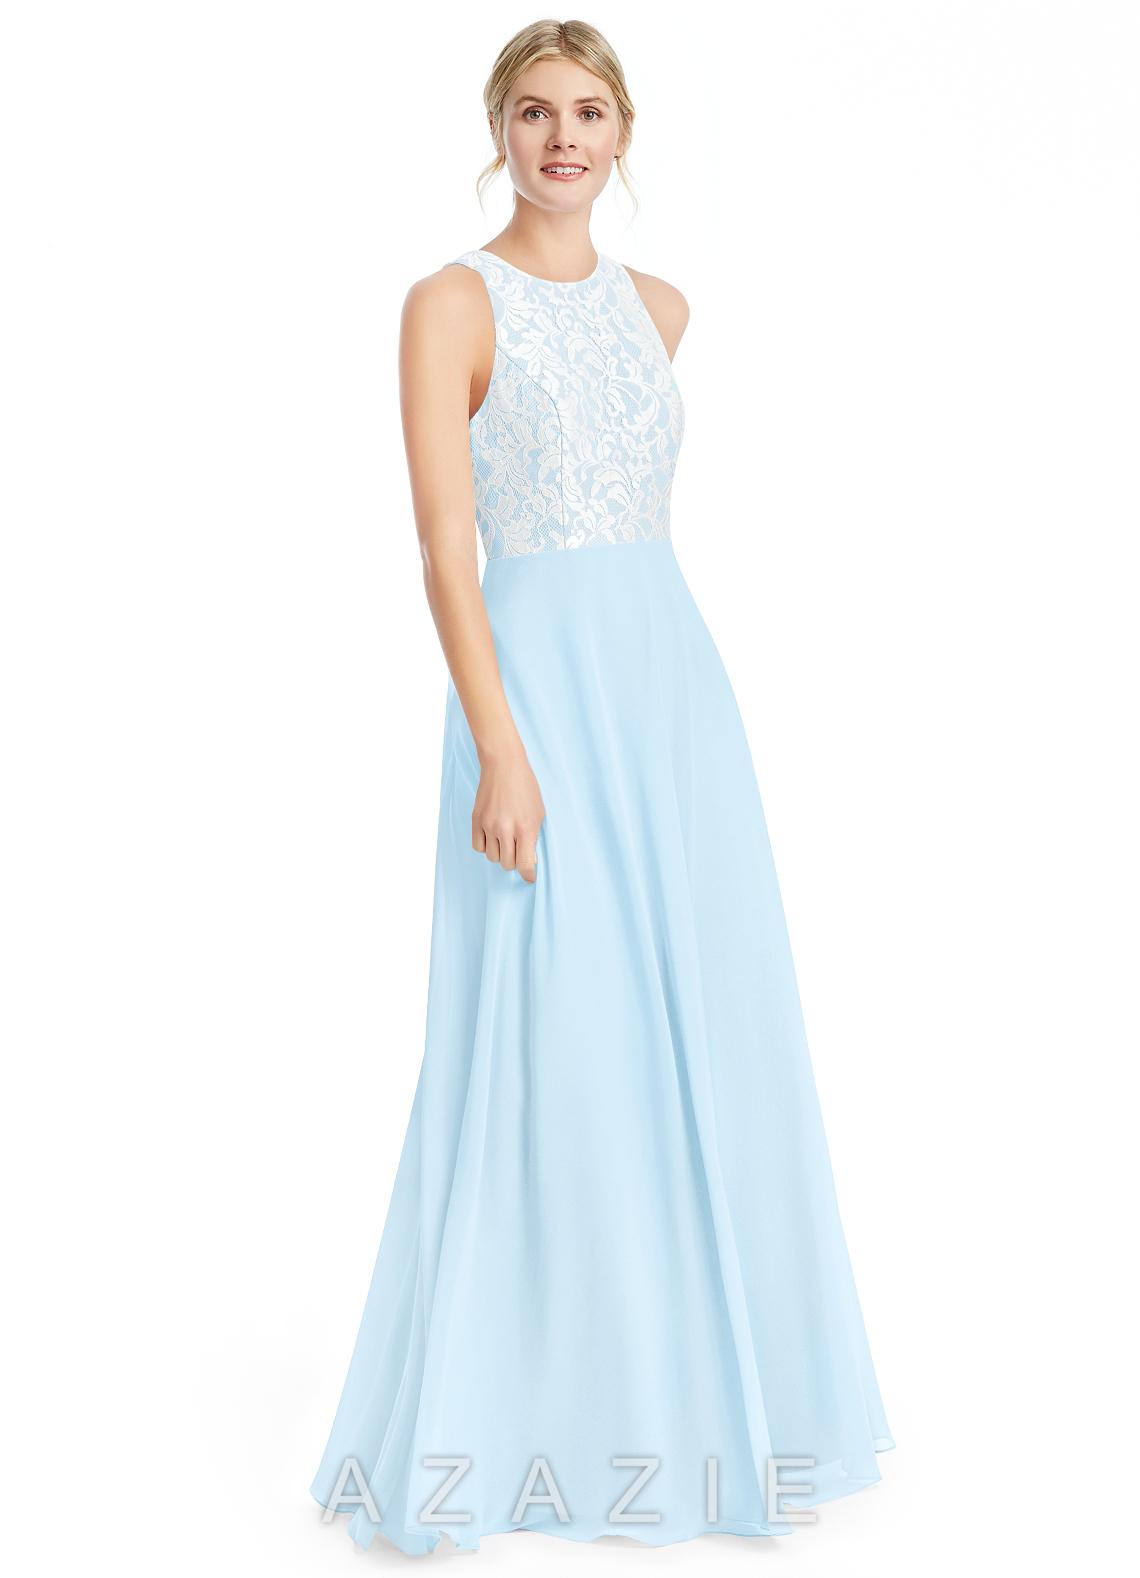 Azazie Kate Bridesmaid Dress | Azazie - photo #5